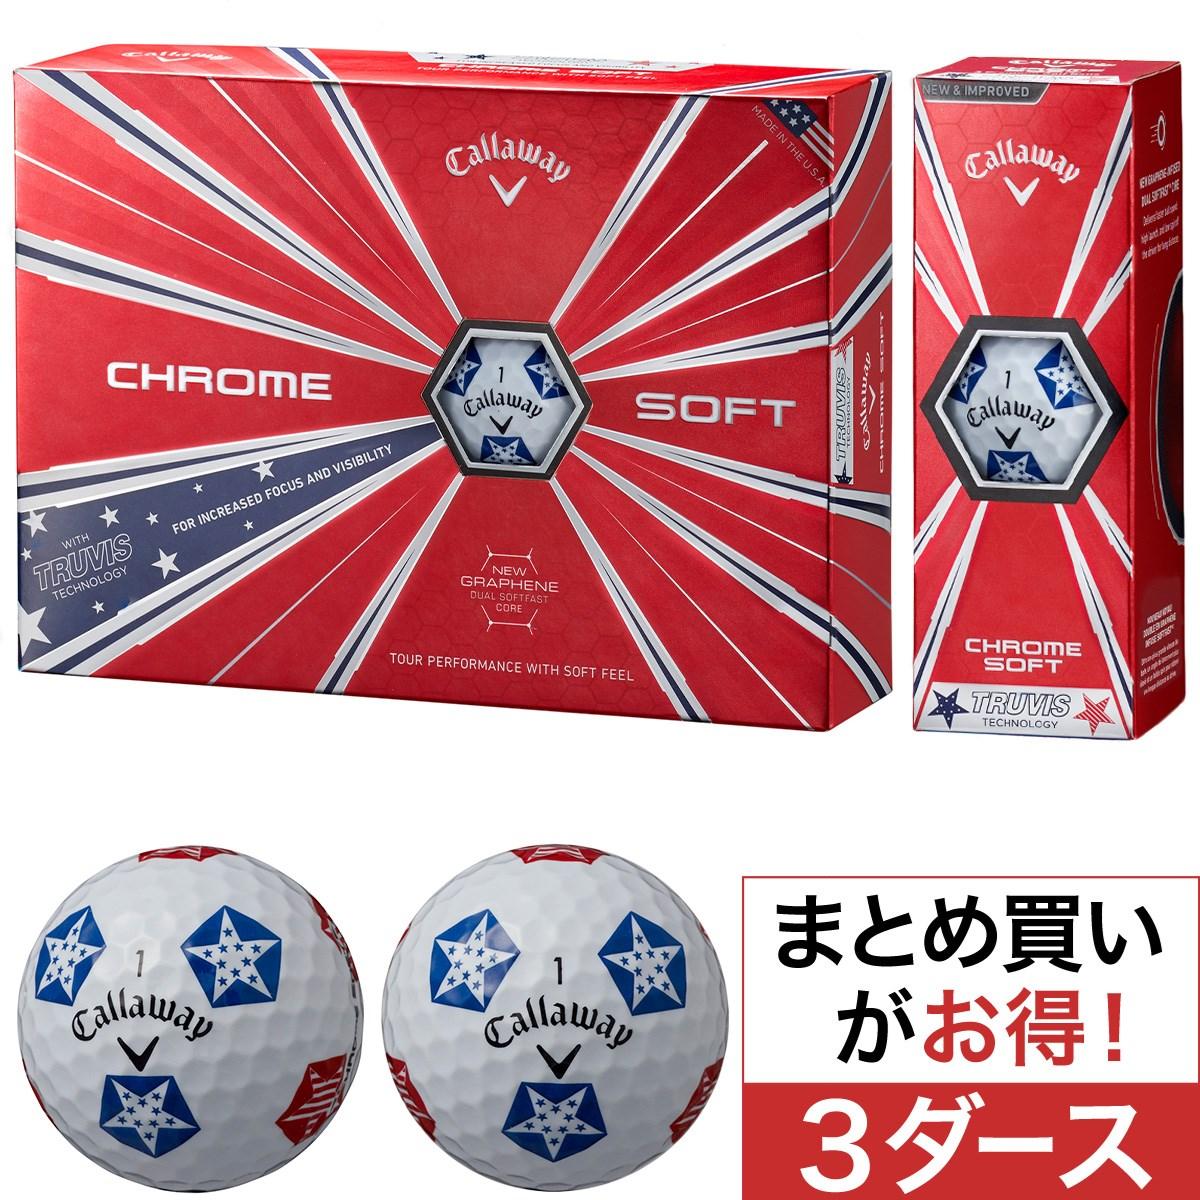 キャロウェイゴルフ(Callaway Golf) CHROME SOFT TRUVIS STARS/STRIPES ボール 3ダースセット